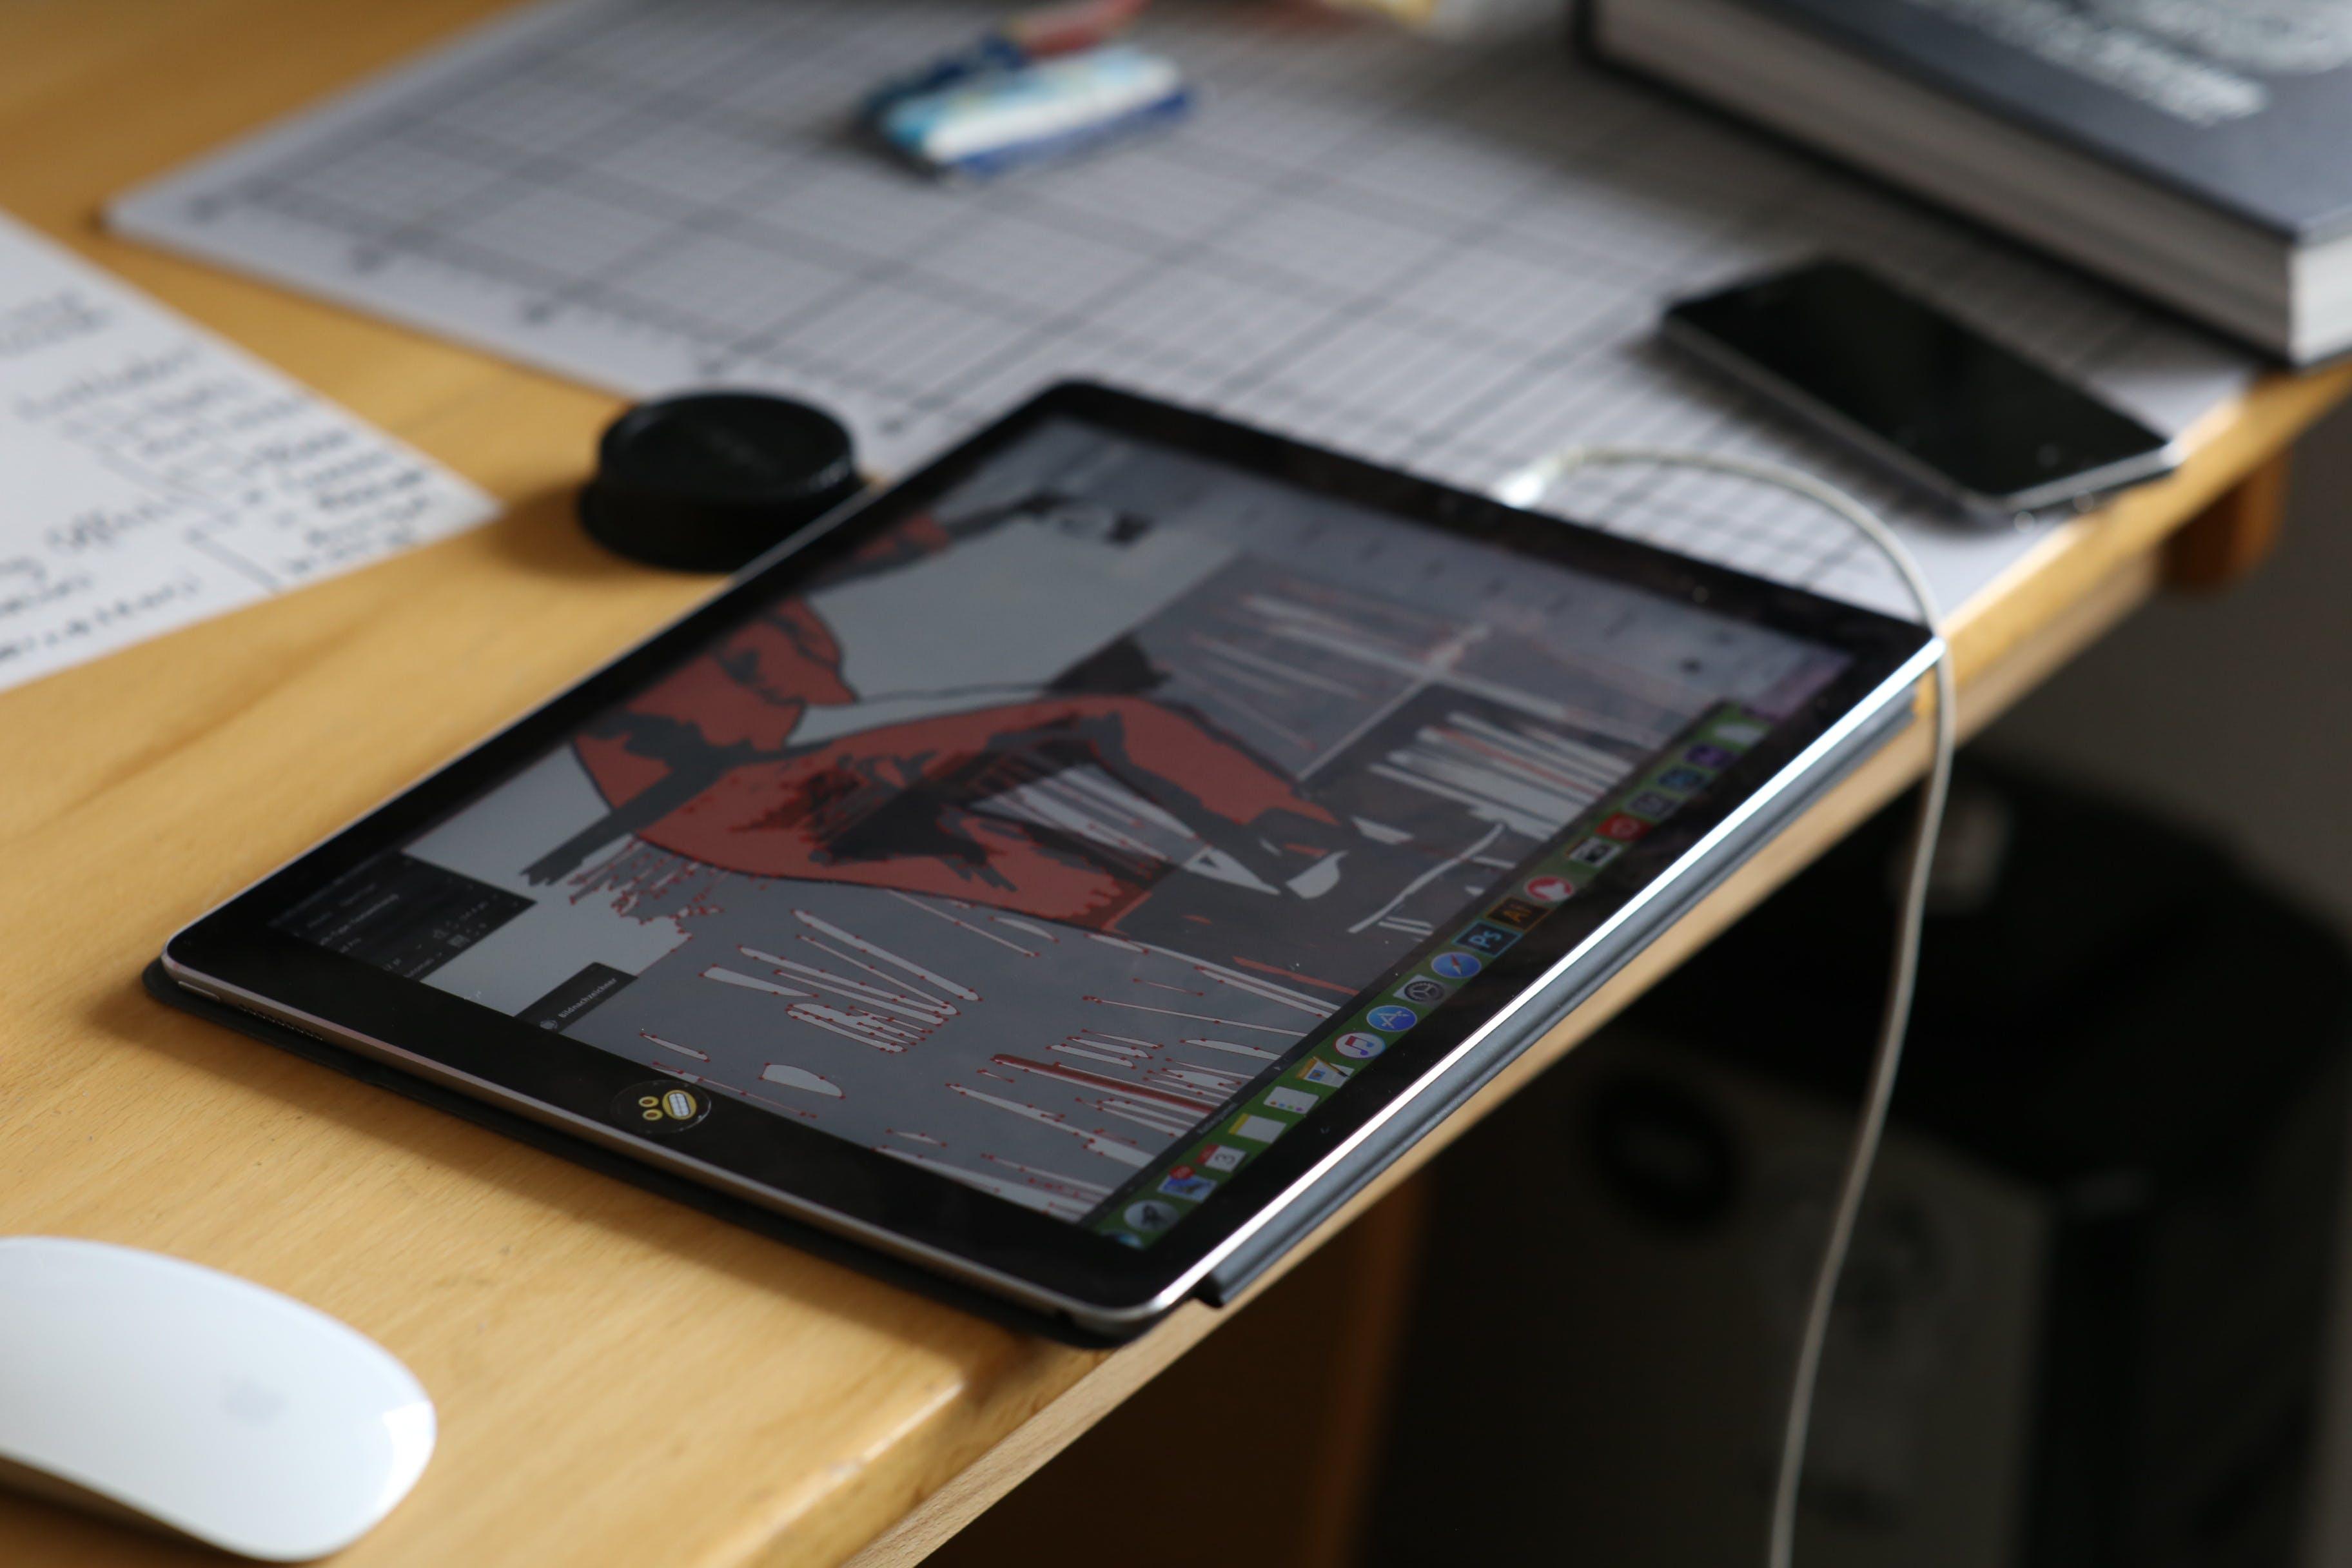 Free stock photo of laptop, macbook pro, working, macbook